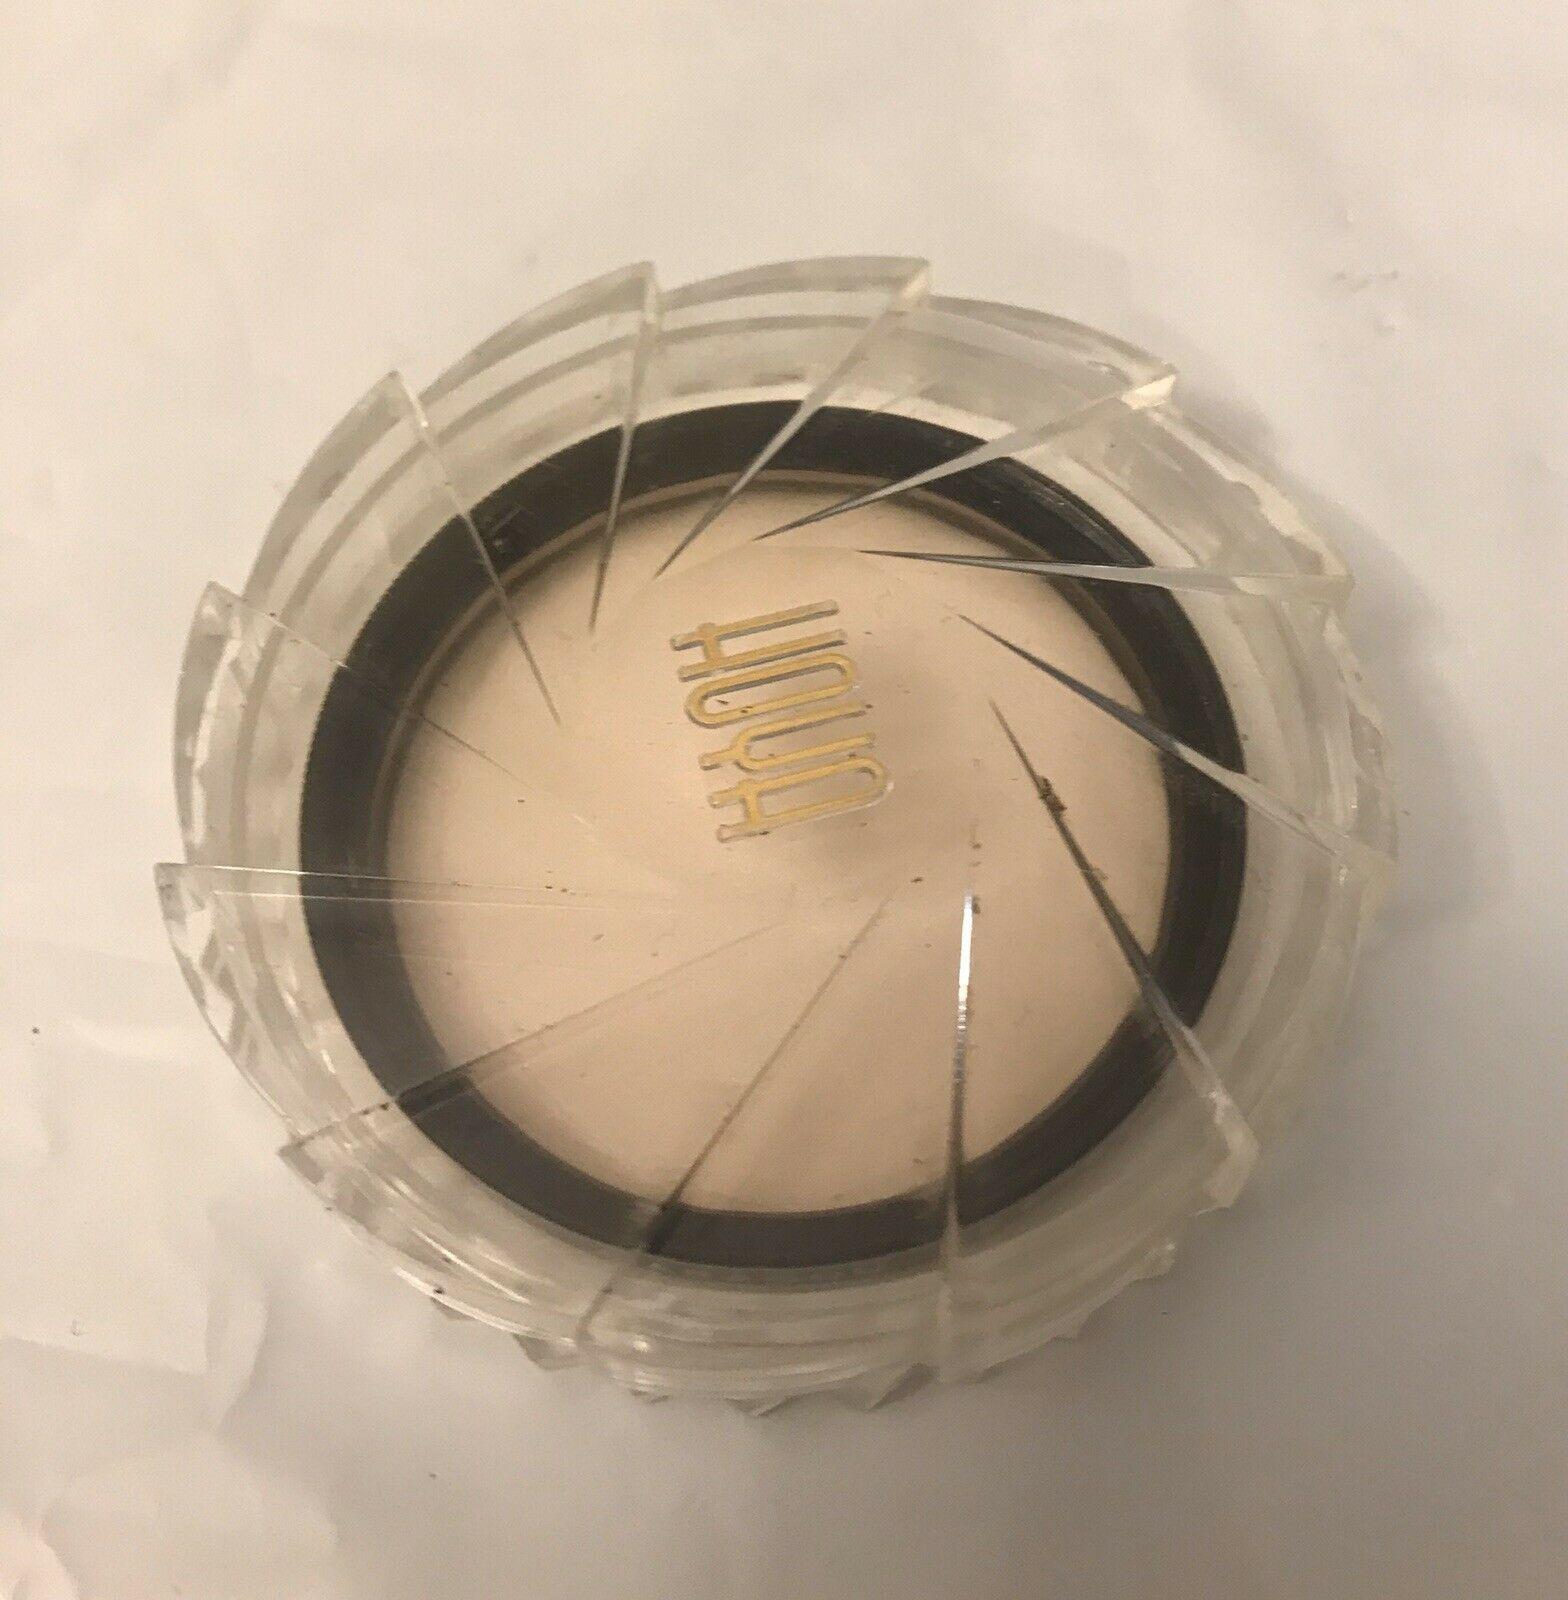 Paragon 52 S.L. (1A) Lens With Case - $9.50